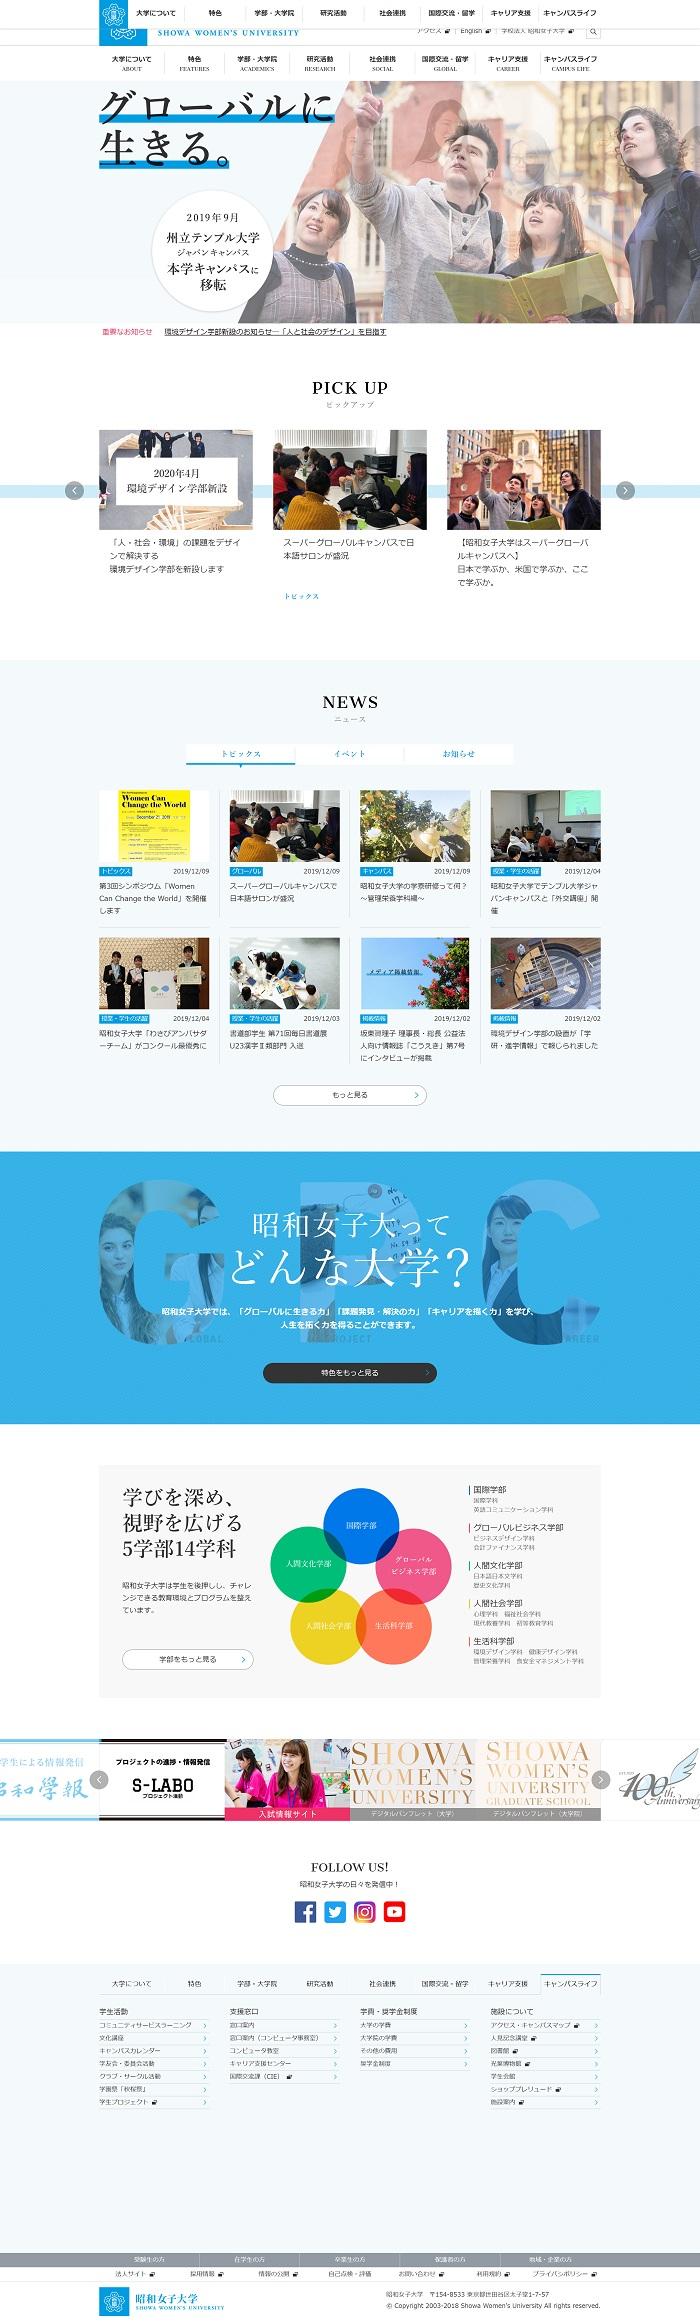 昭和女子大学 | Showa Women's University